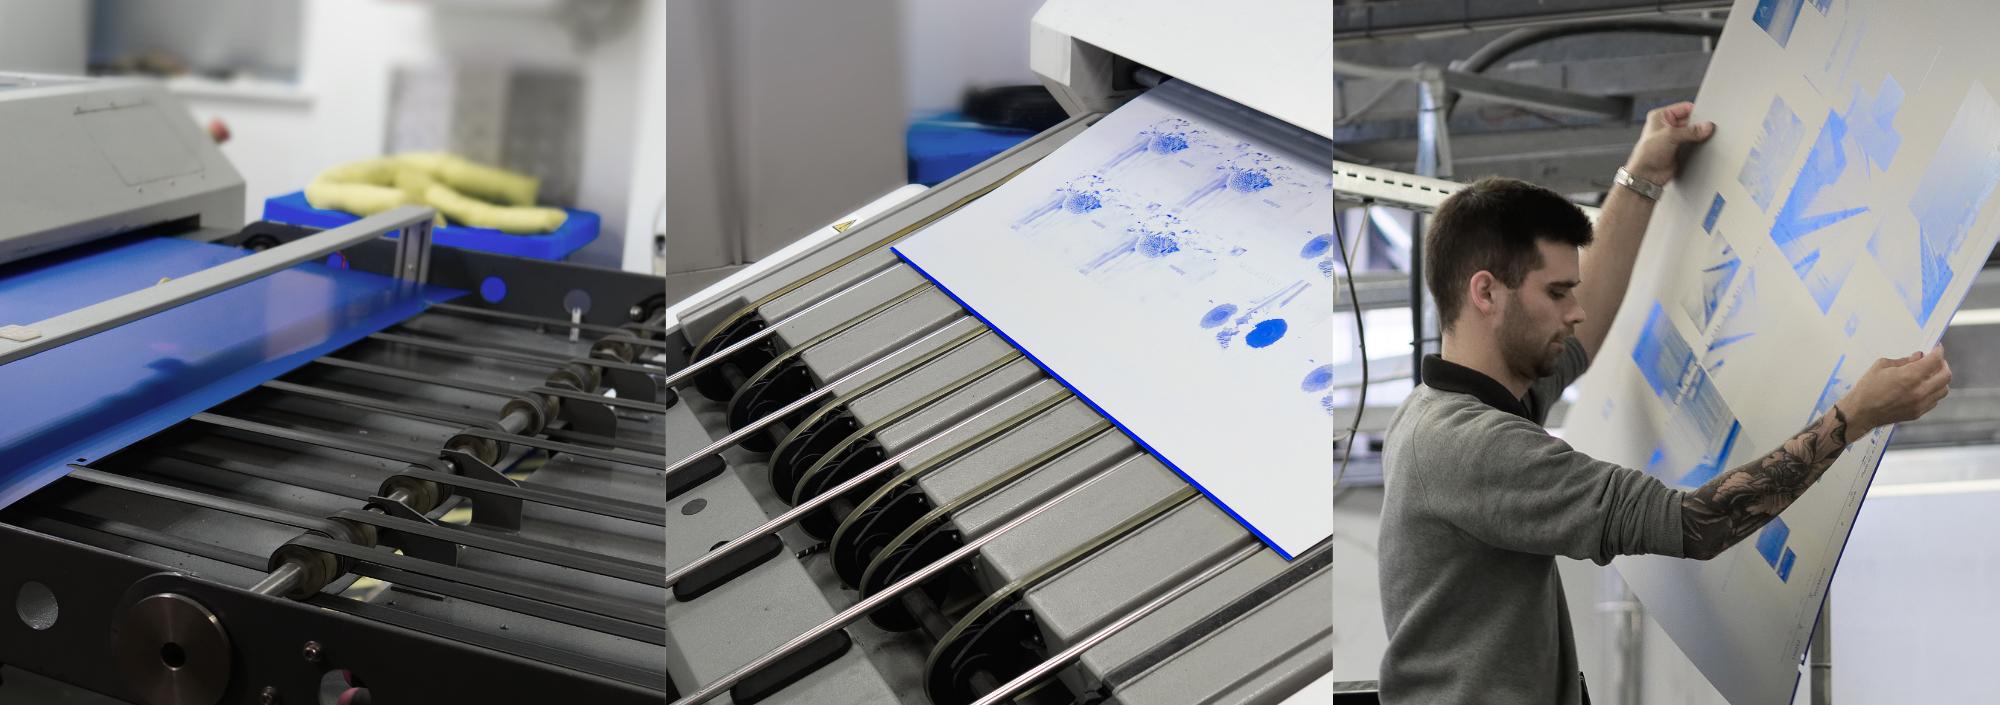 Platesetting